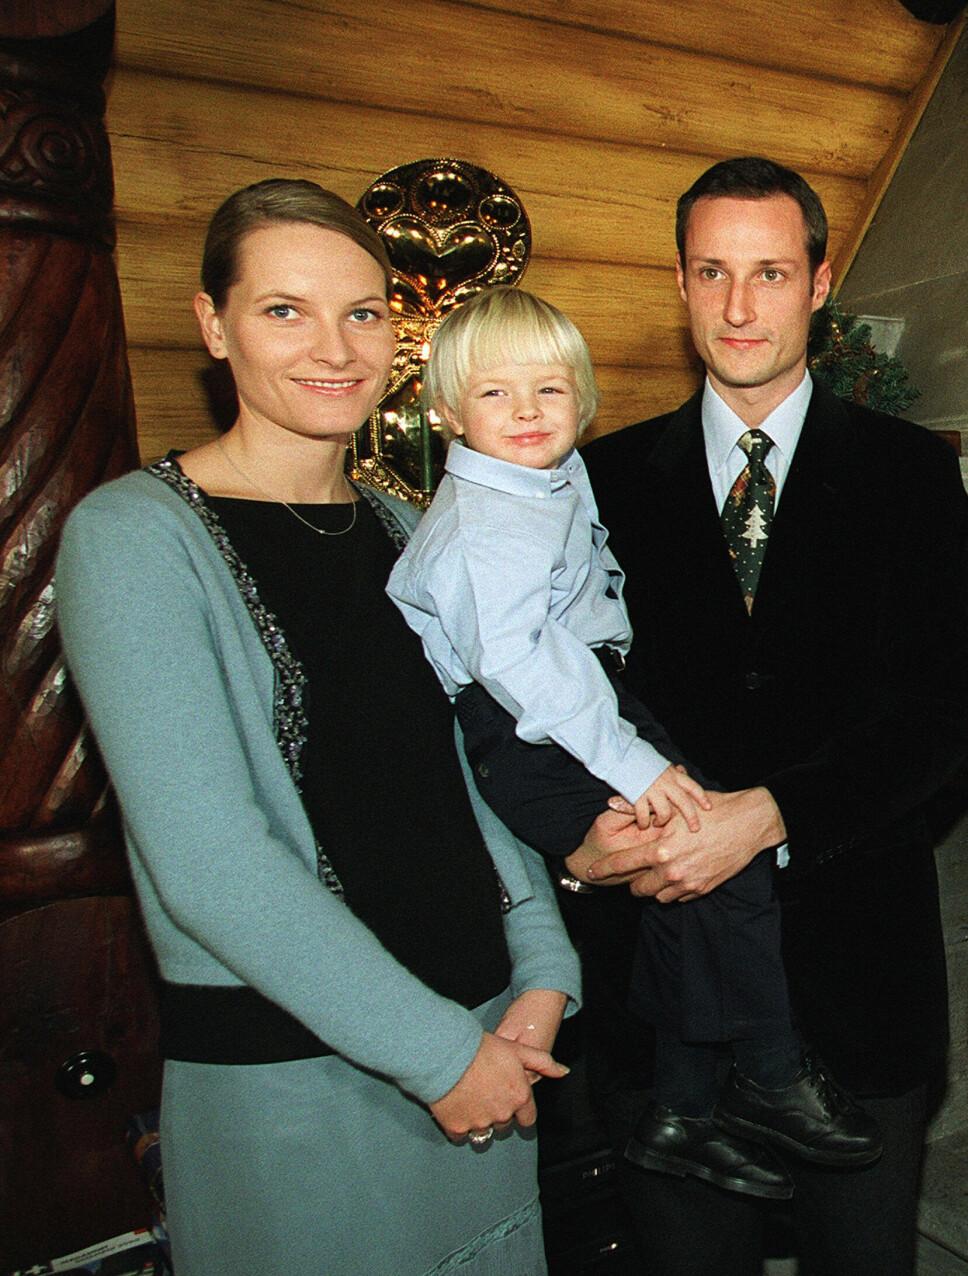 ALENEMOR: Mette-Marit hadde sønnen Marius fra før av, da hun forelsket seg i Norges kronprins. Lille Marius var et lite sjarmtroll, og ble raskt en del av den norske kongefamilien.